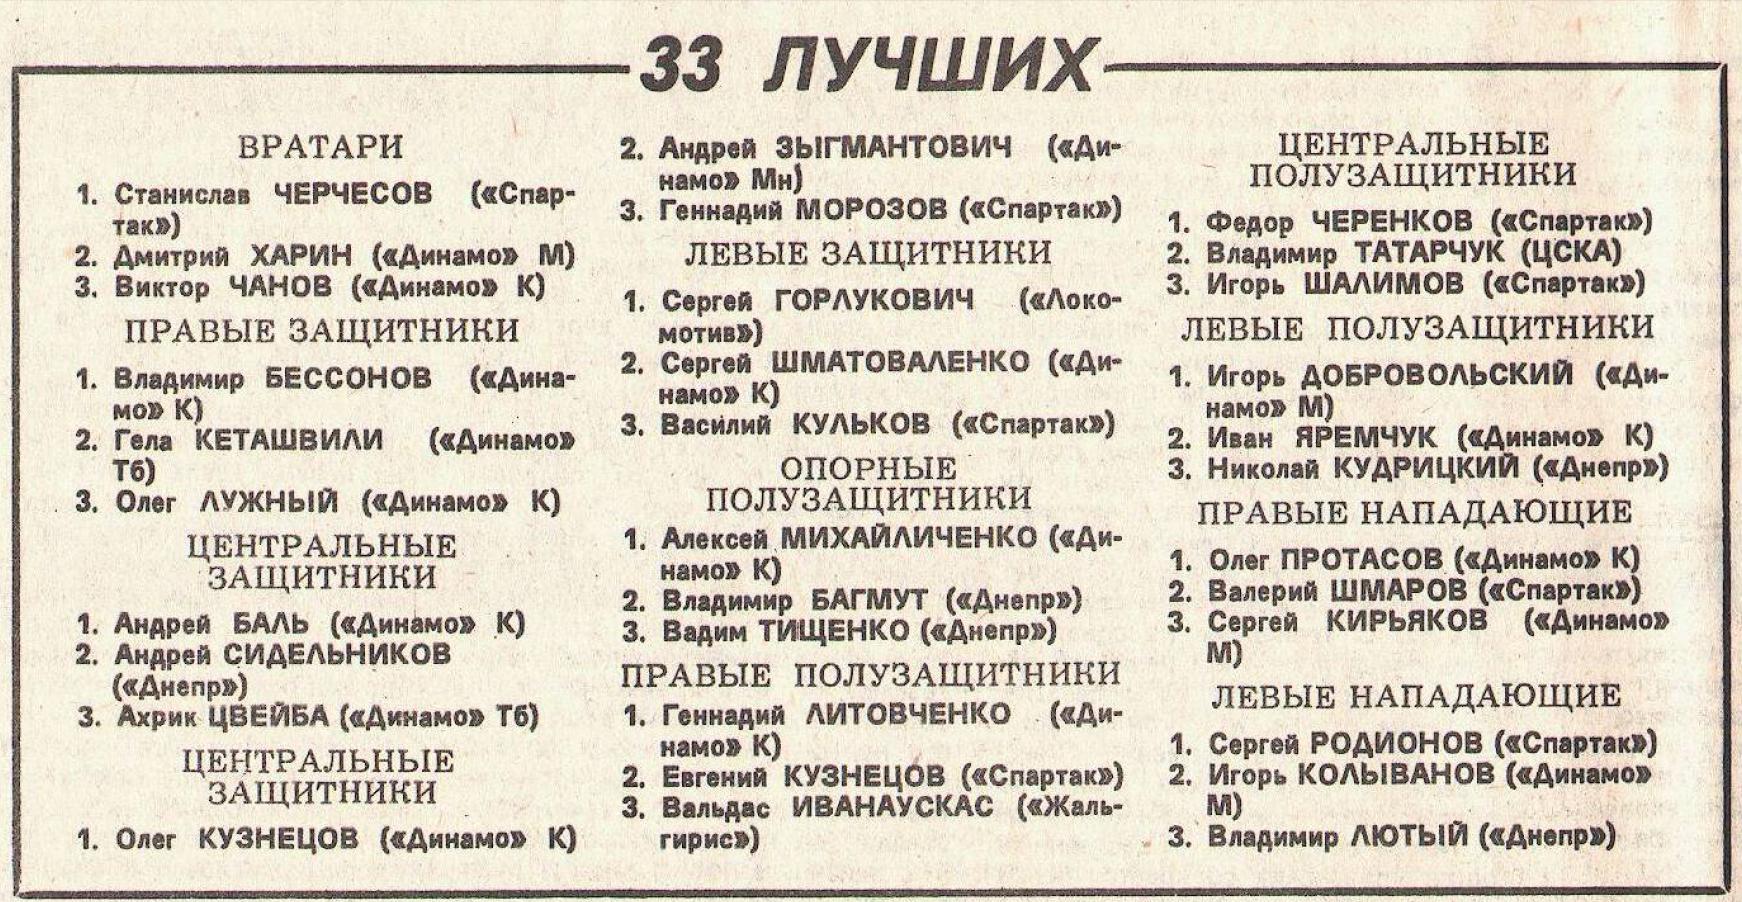 Лучшие игроки СССР 1989 года